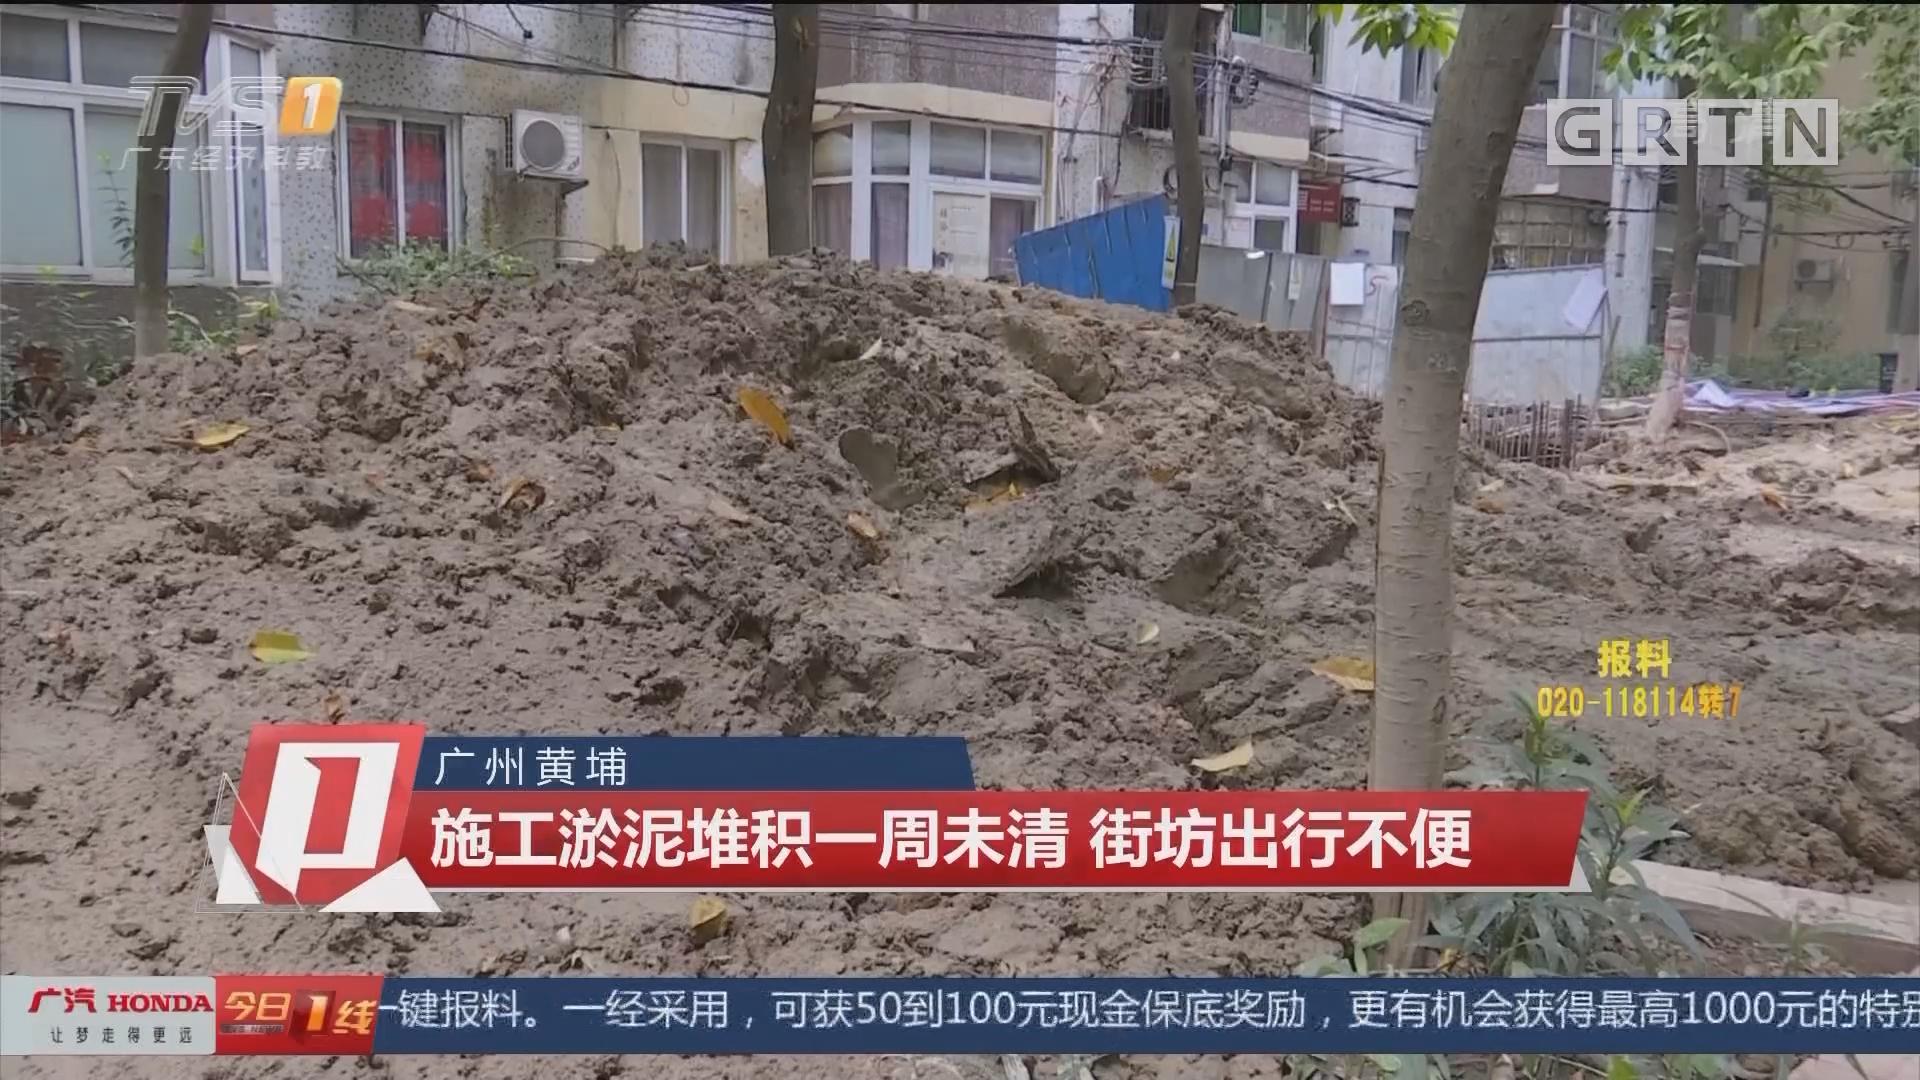 广州黄埔 施工淤泥堆积一周未清 街坊出行不便